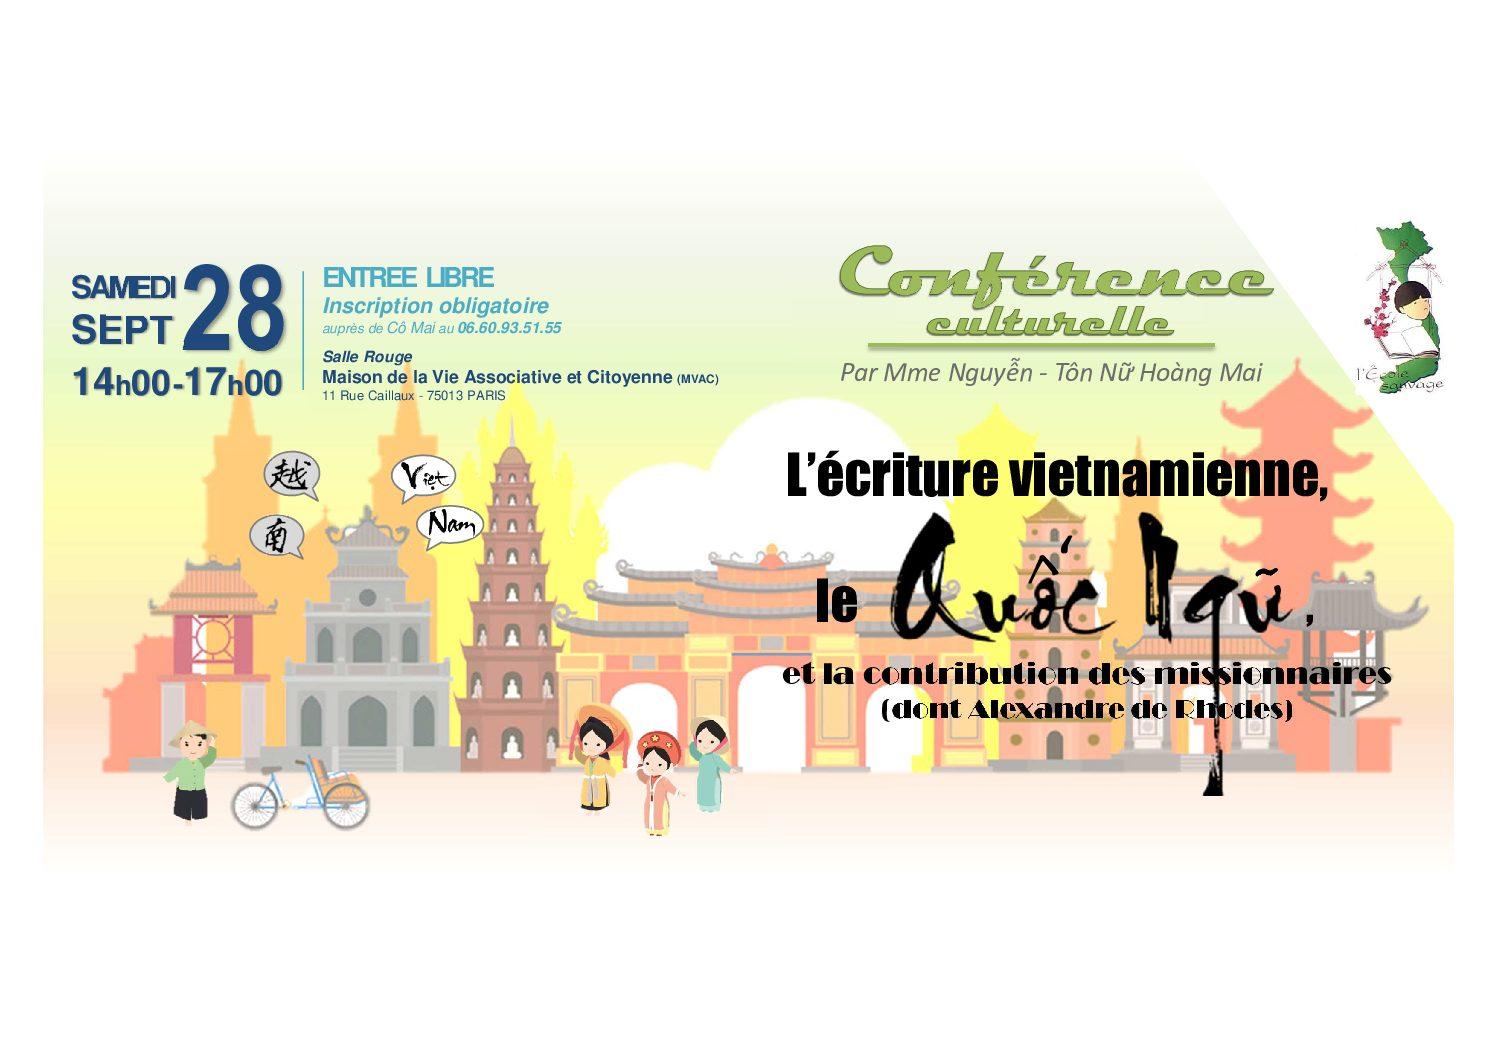 Conférence culturelle : l'écriture vietnamienne, le Quốc Ngữ, et la contribution des missionnaires